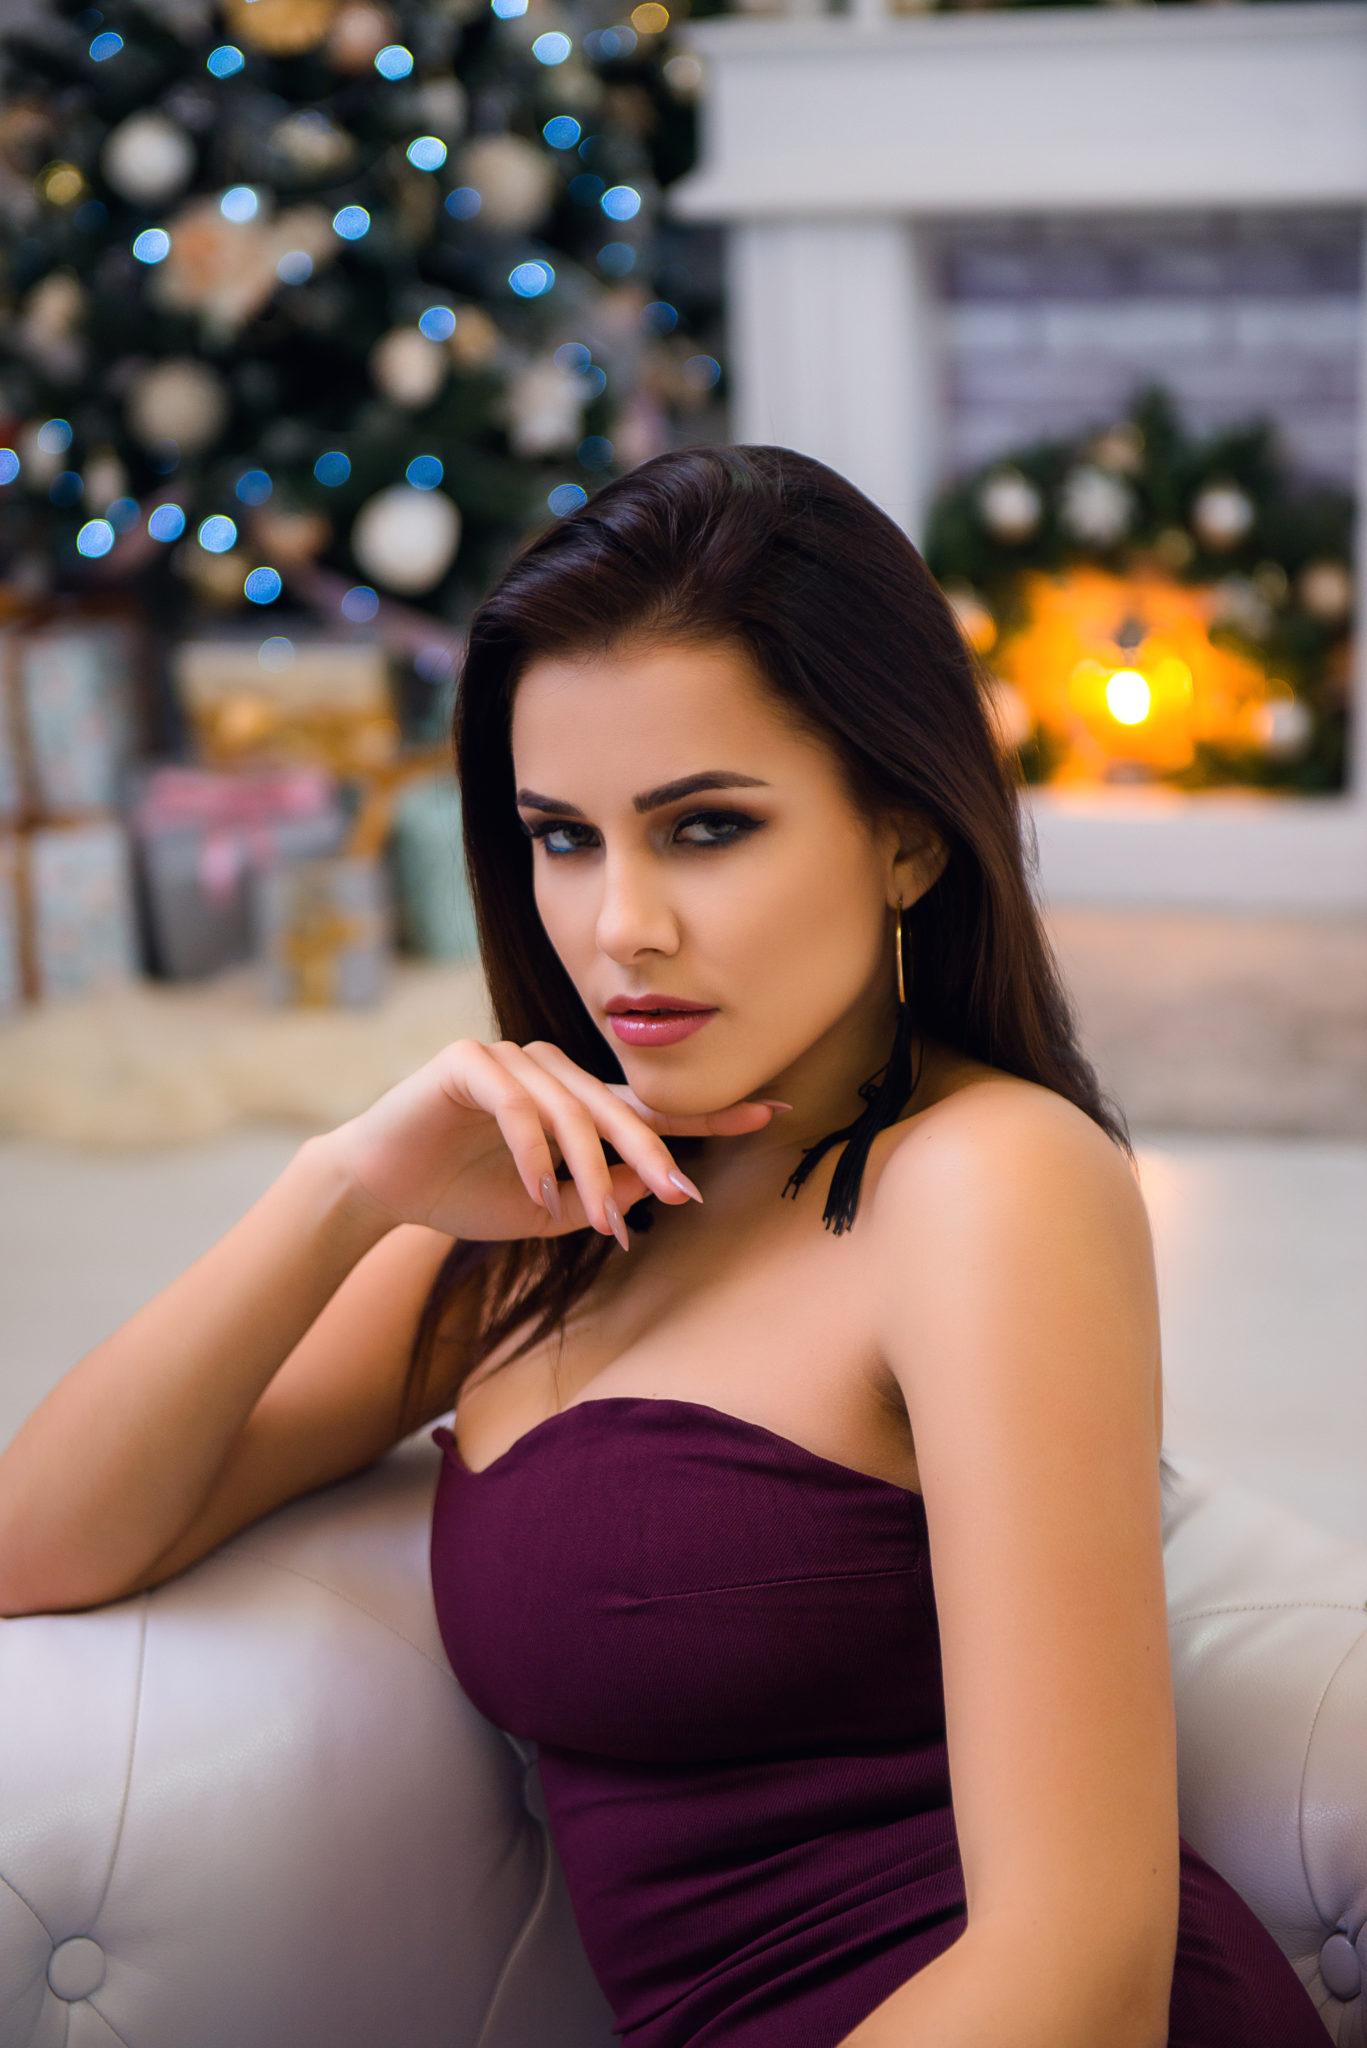 Экспресс фотосессия, фотограф Постникова А., портрет девушки на фоне новогодней елки